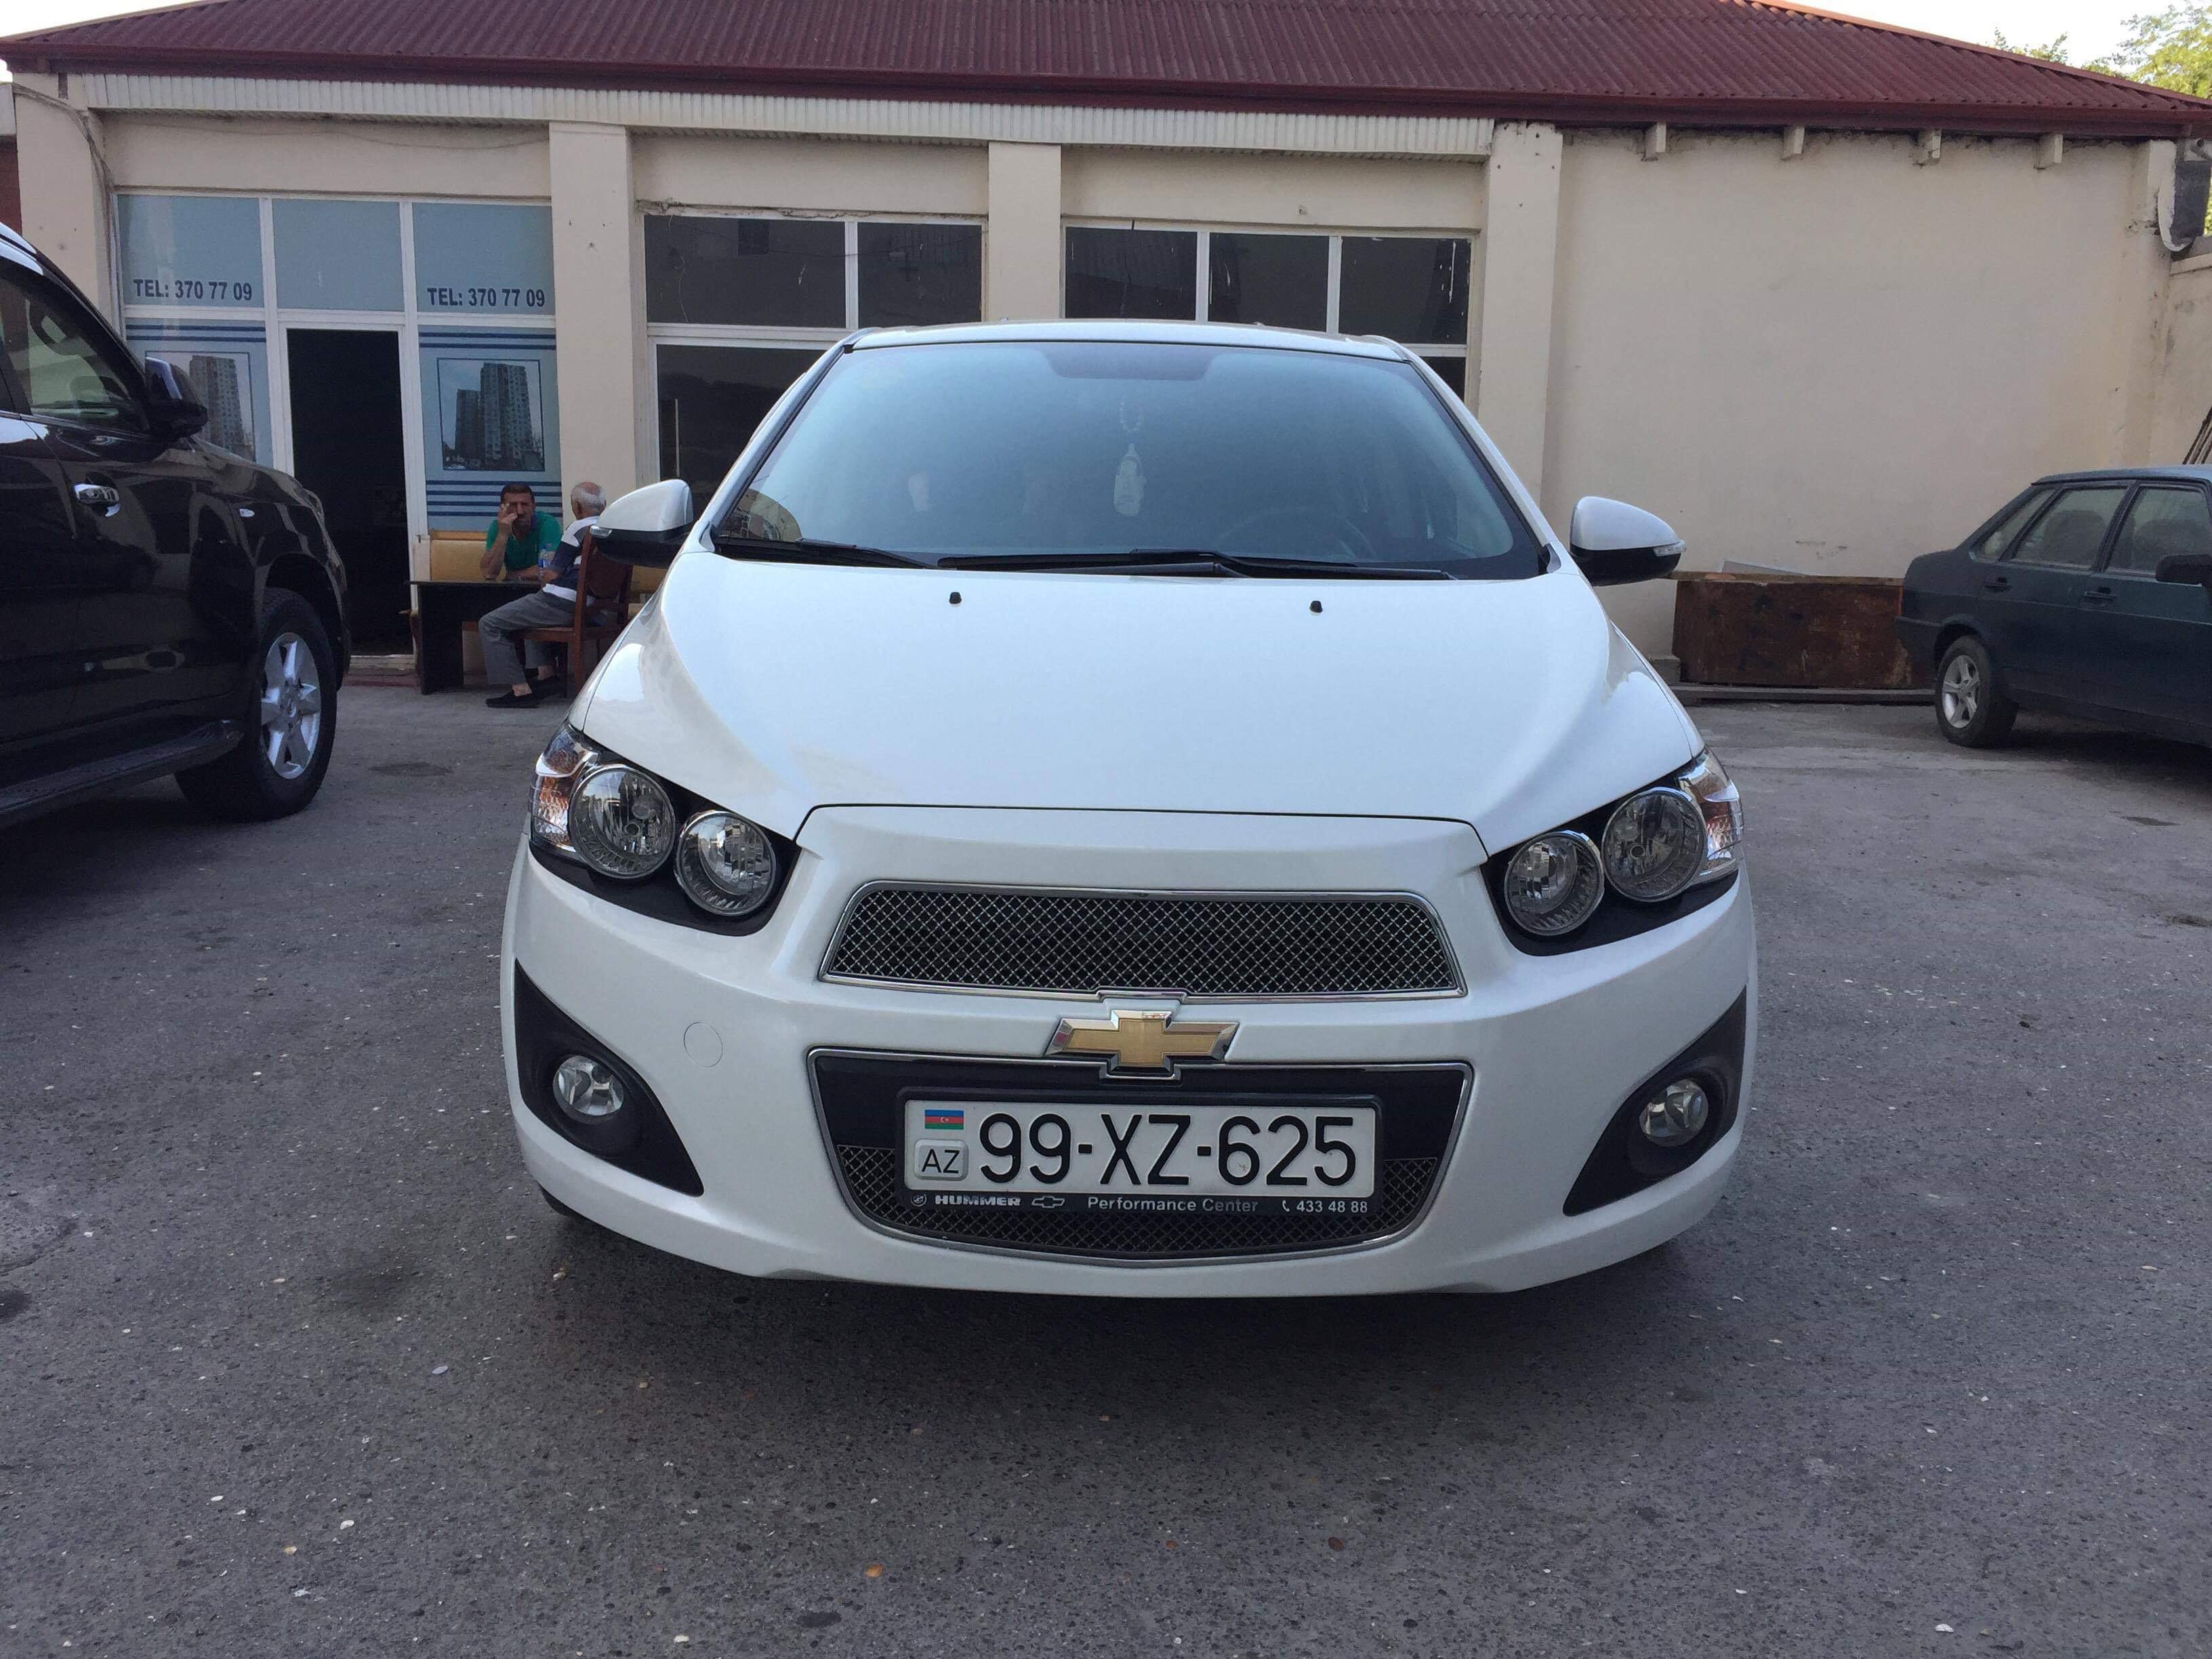 Chevrolet Aveo 1.6(lt) 2014 Подержанный  $12000